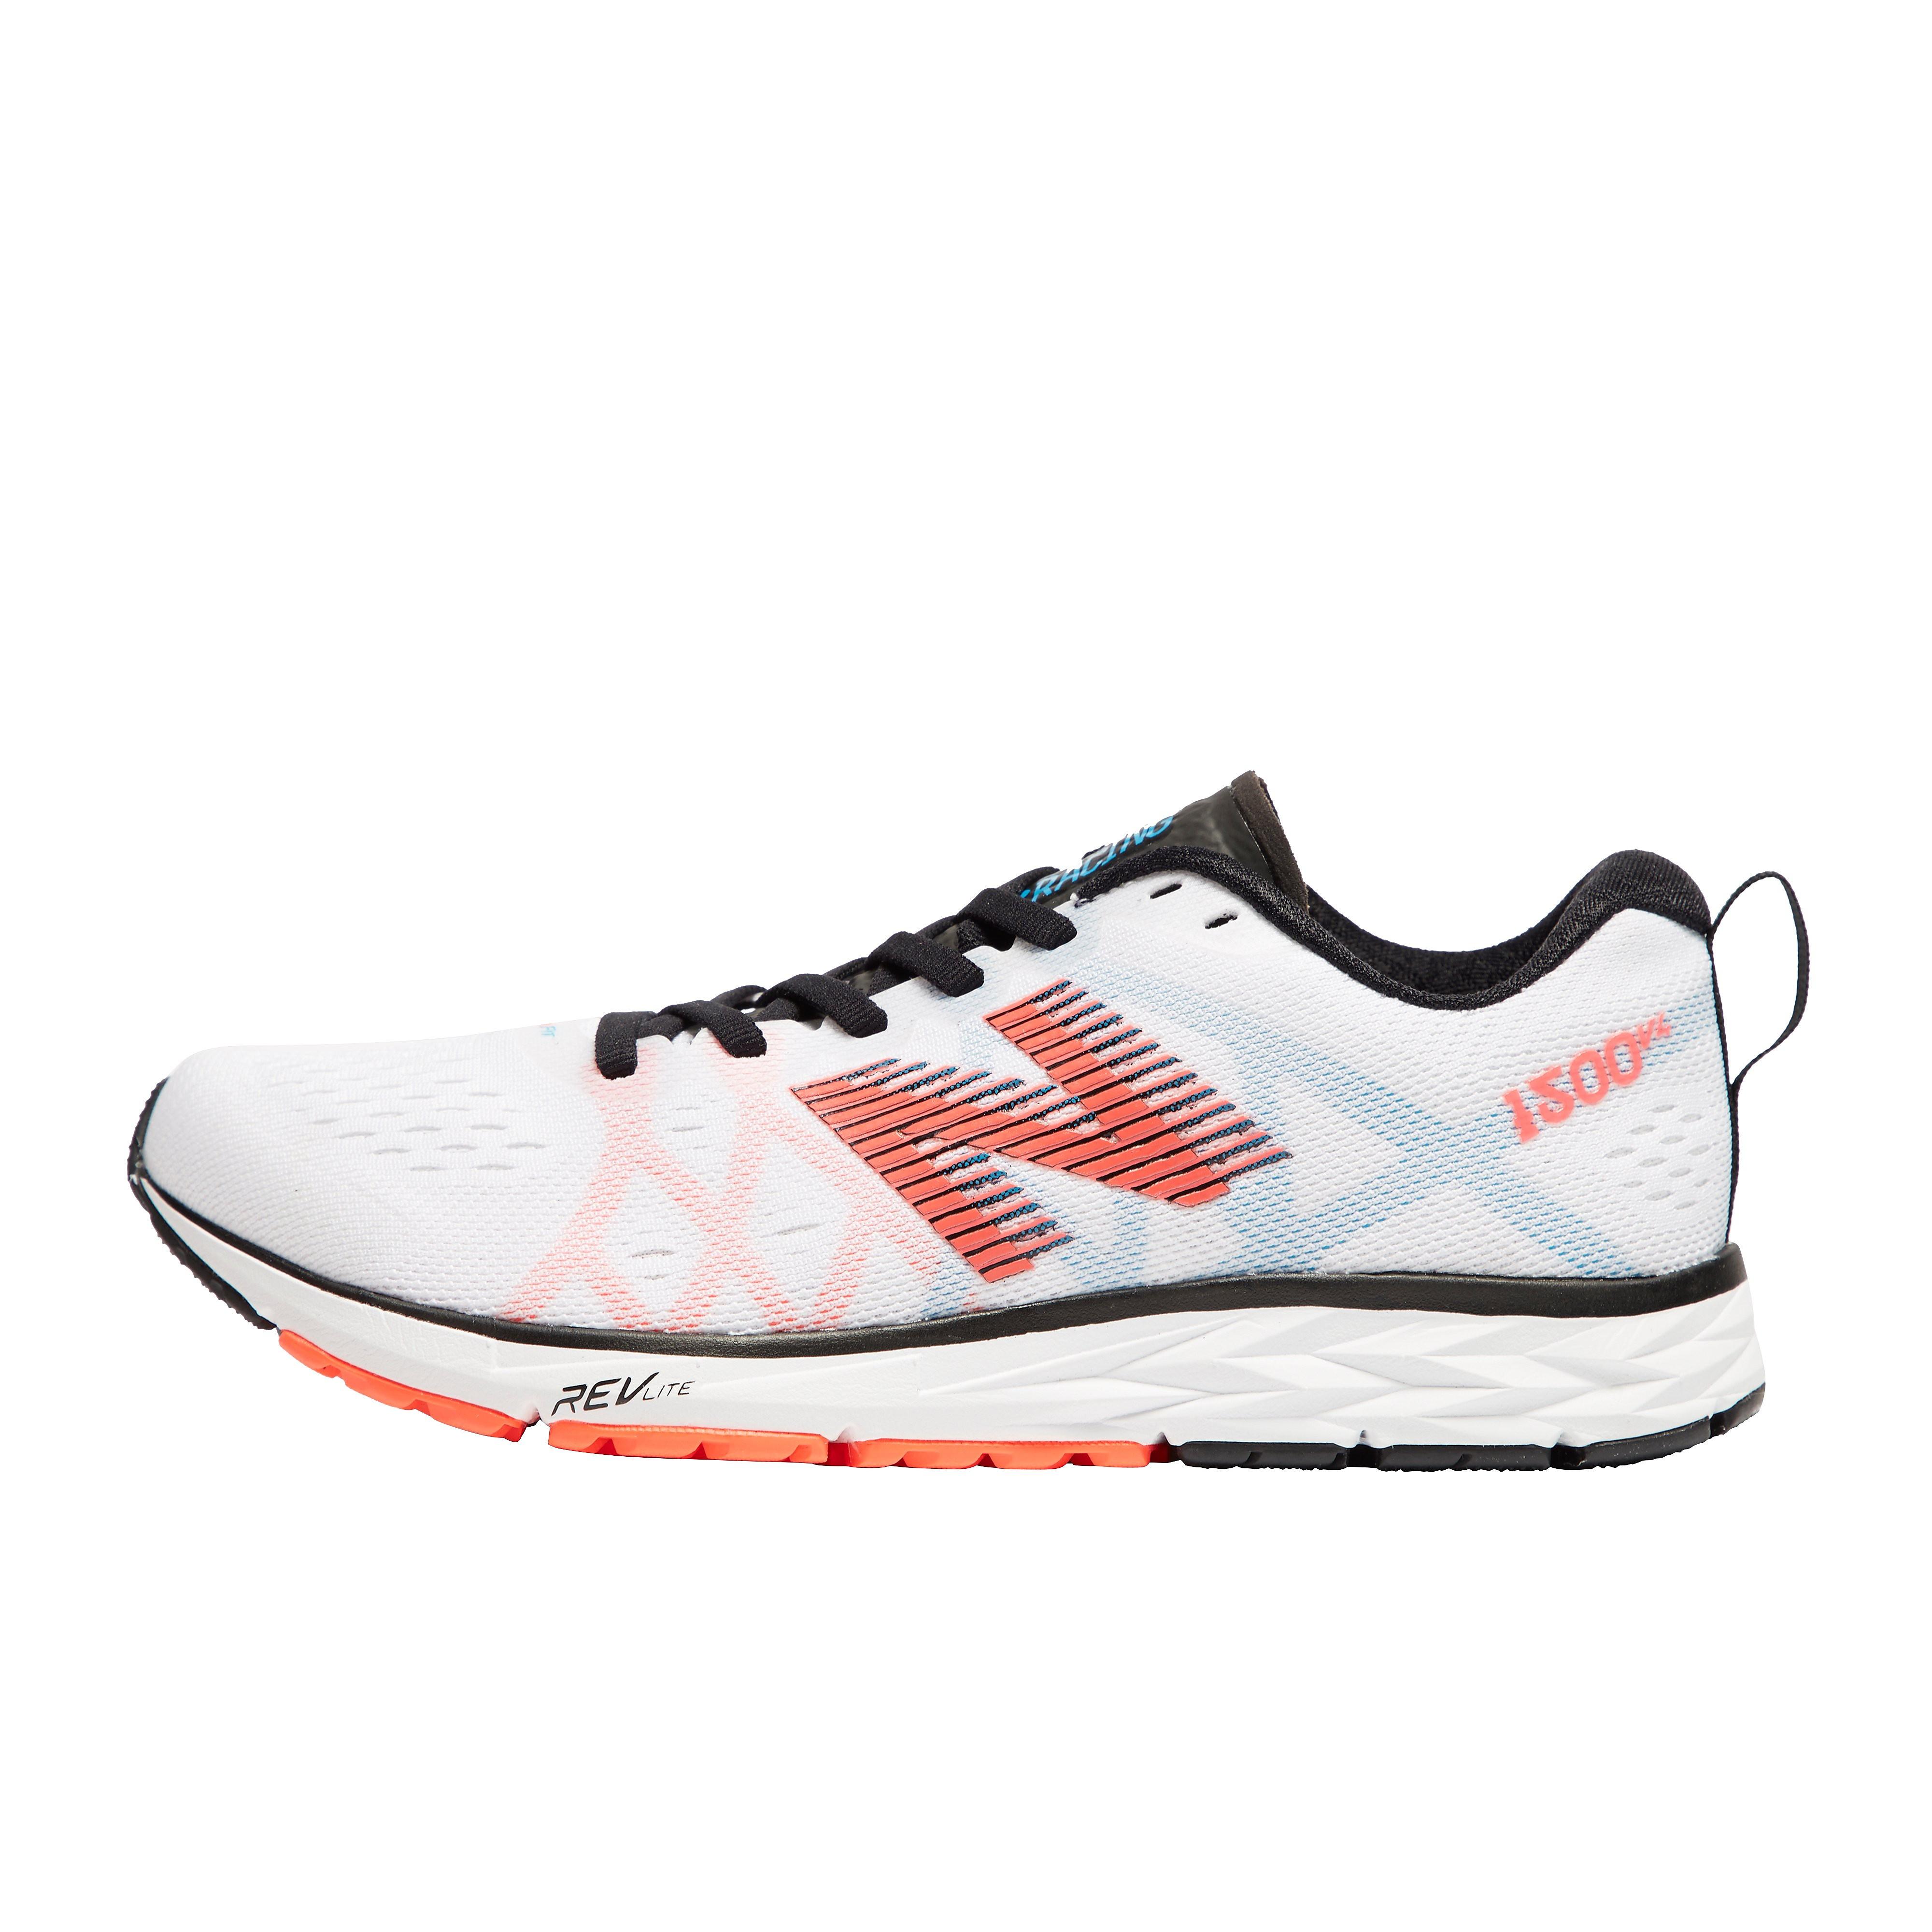 Women's New Balance 1500v4 Running Shoes - White, White